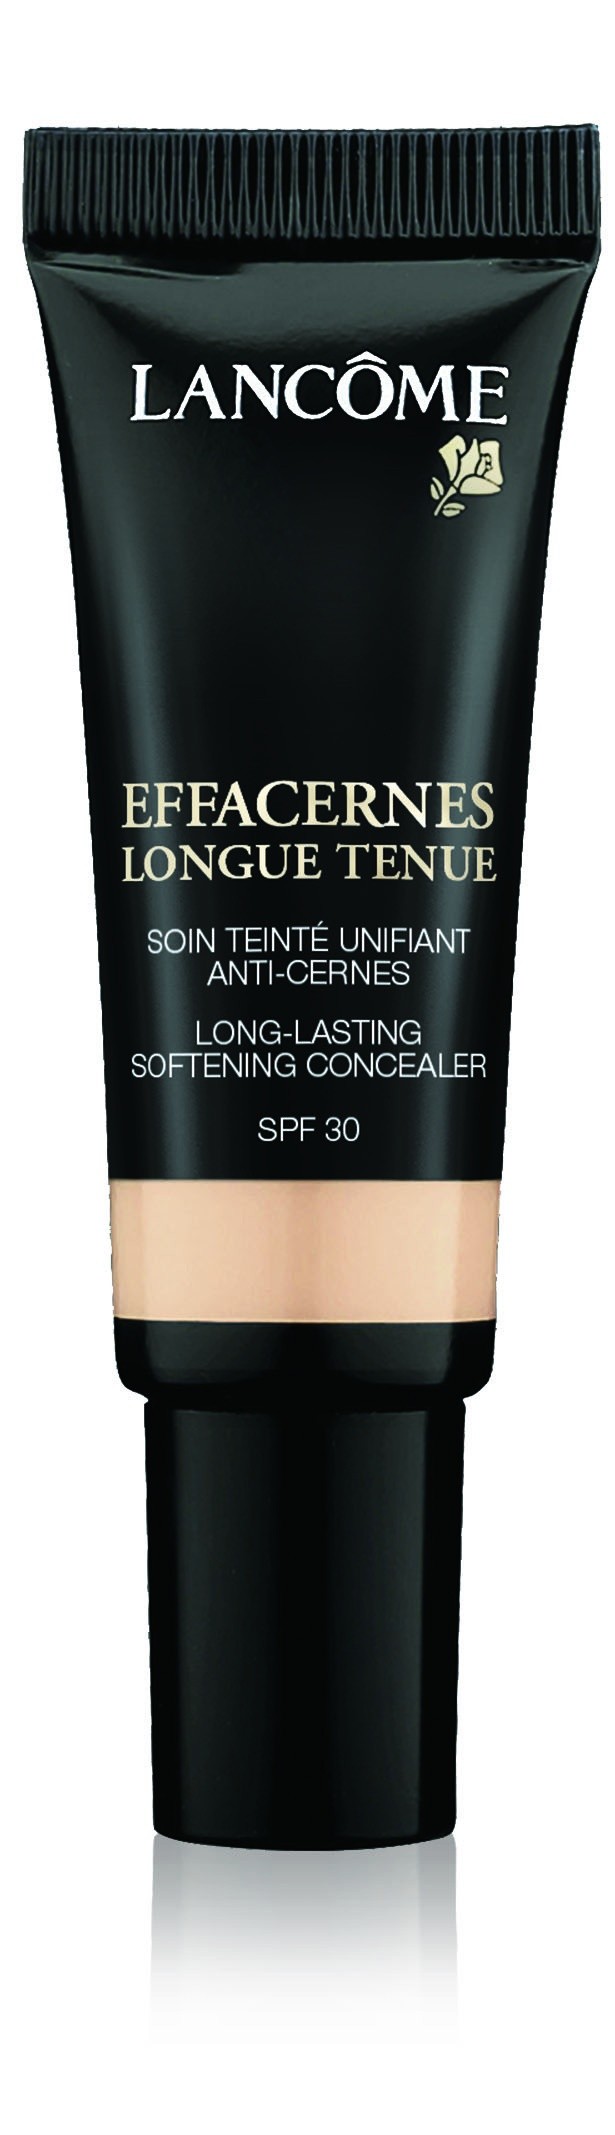 Lancôme Effacernes Long-Lasting Softening Concealer SPF30, 015 beige caramel